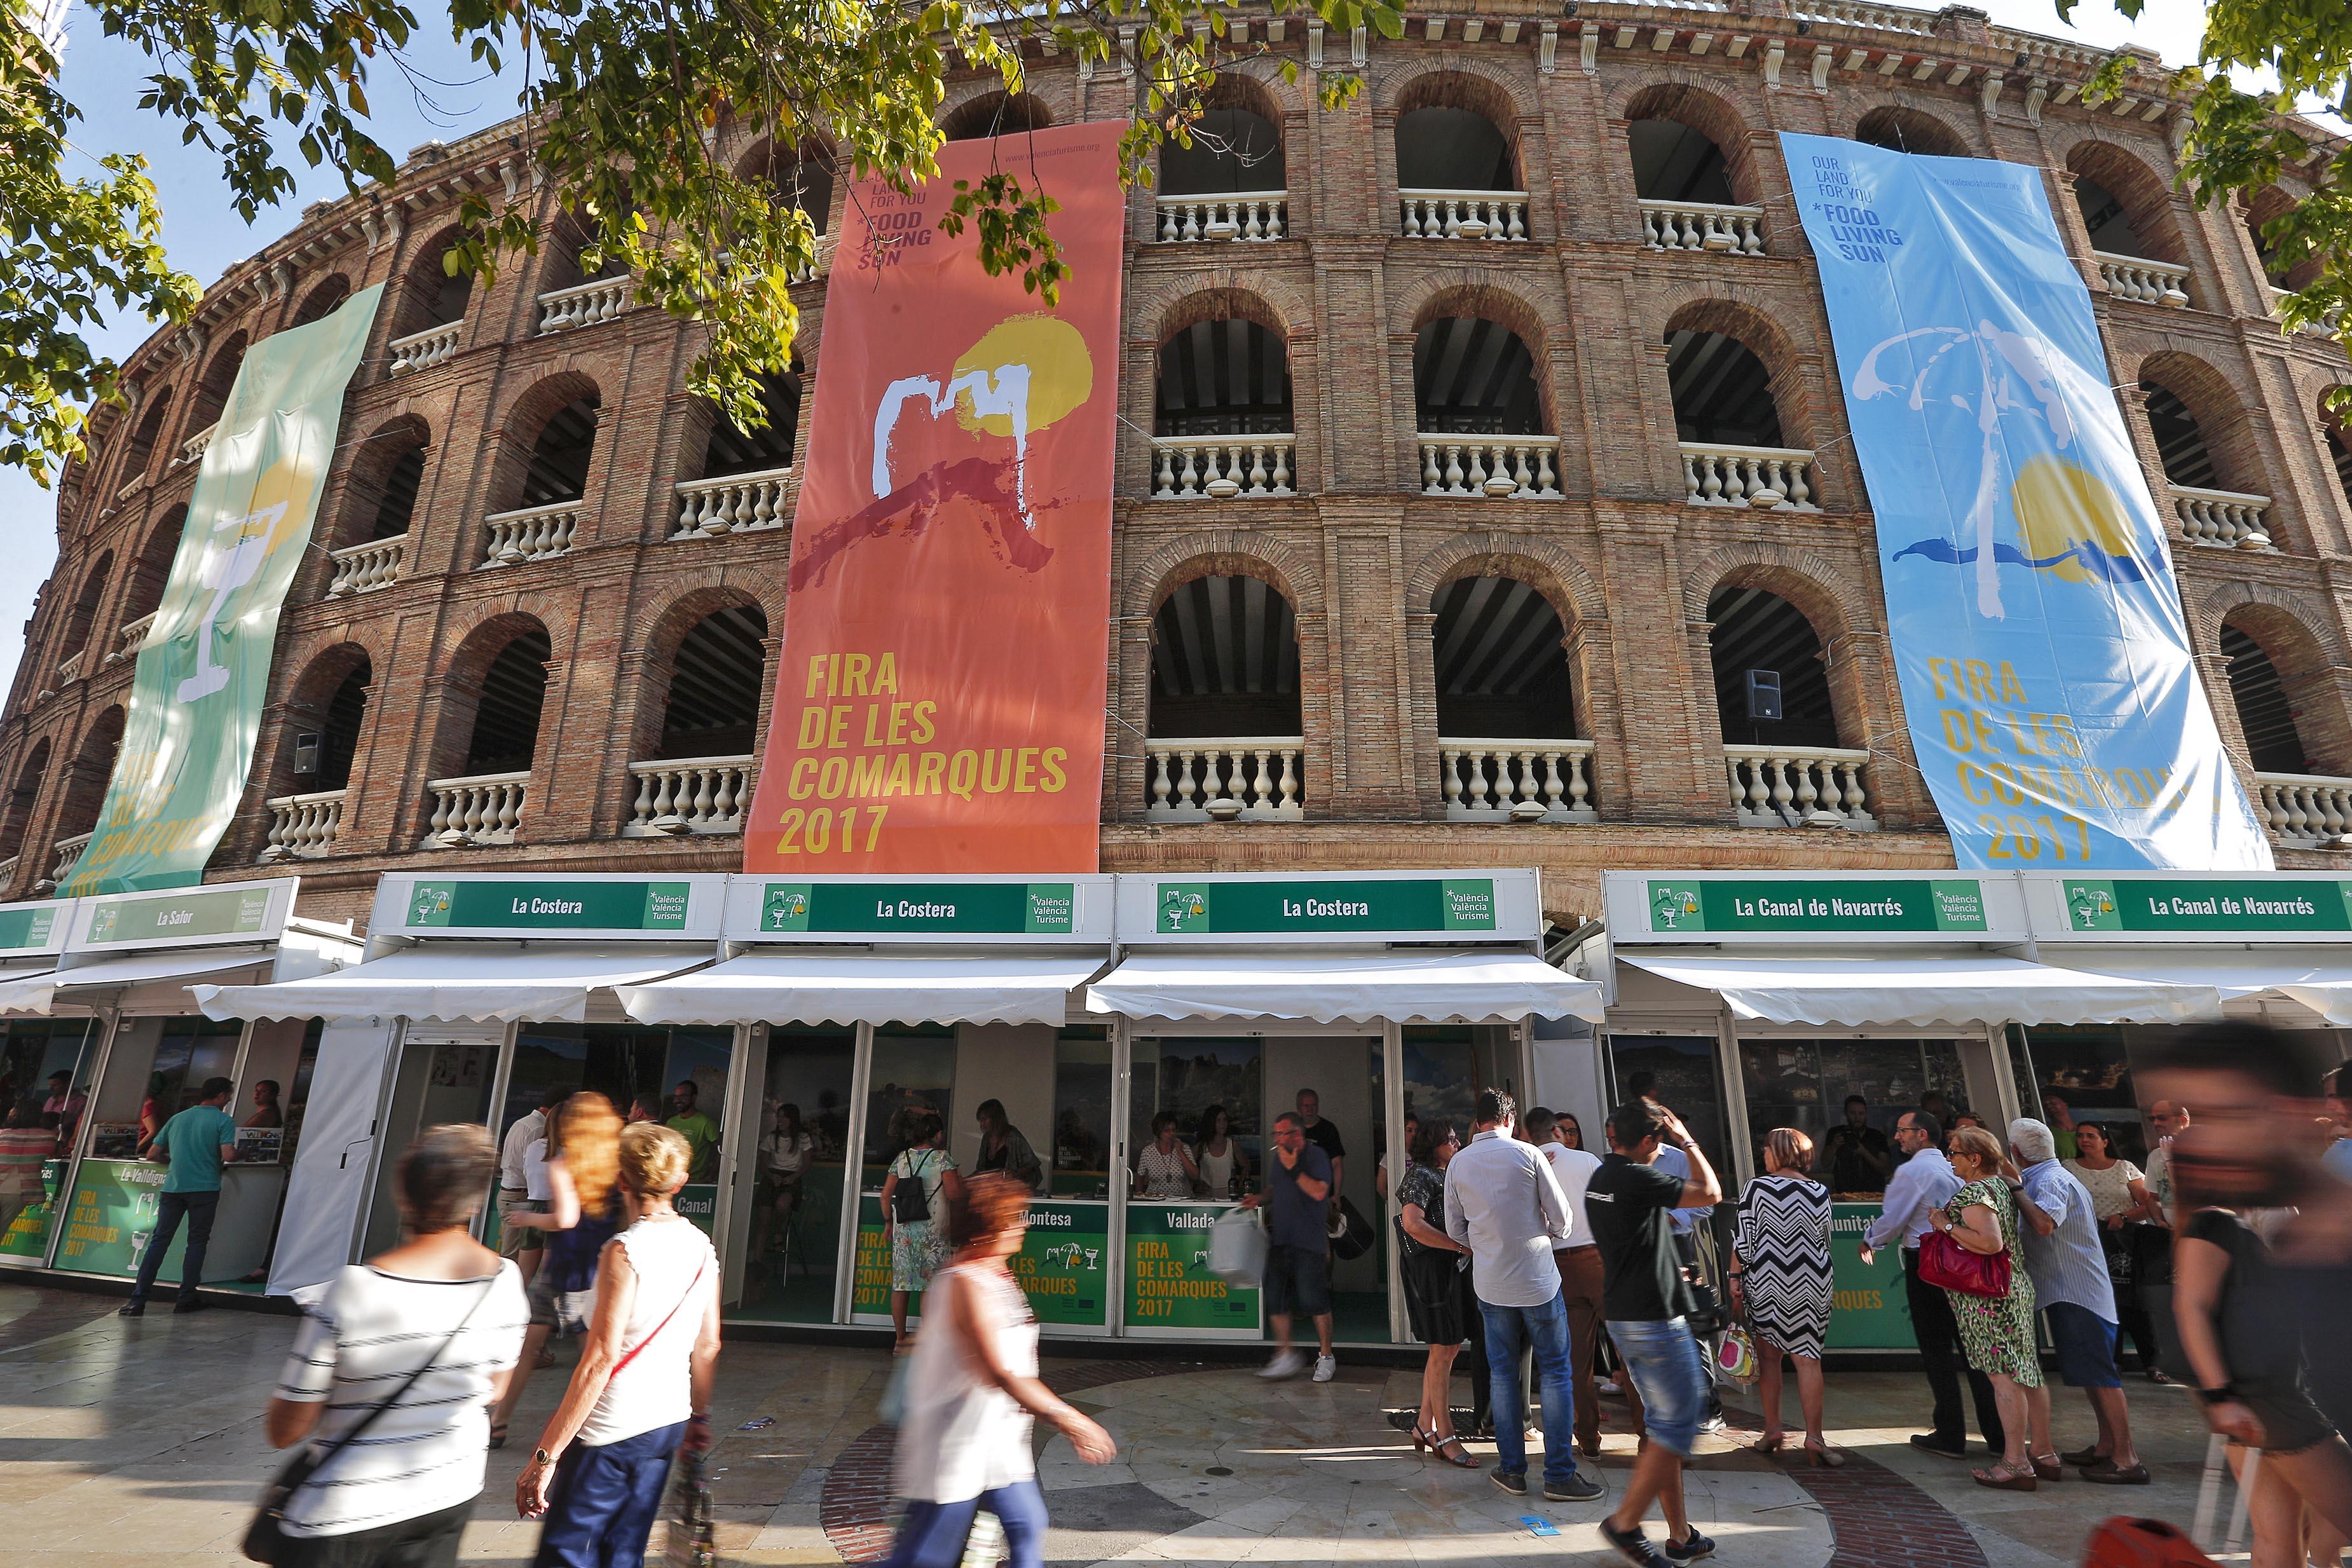 Pilar Moncho informa al Consell Rector del Patronat de les novetats de l'esdeveniment turístic comarcal que se celebrarà en la Plaça de Bous de València del 20 al 22 d'abril.